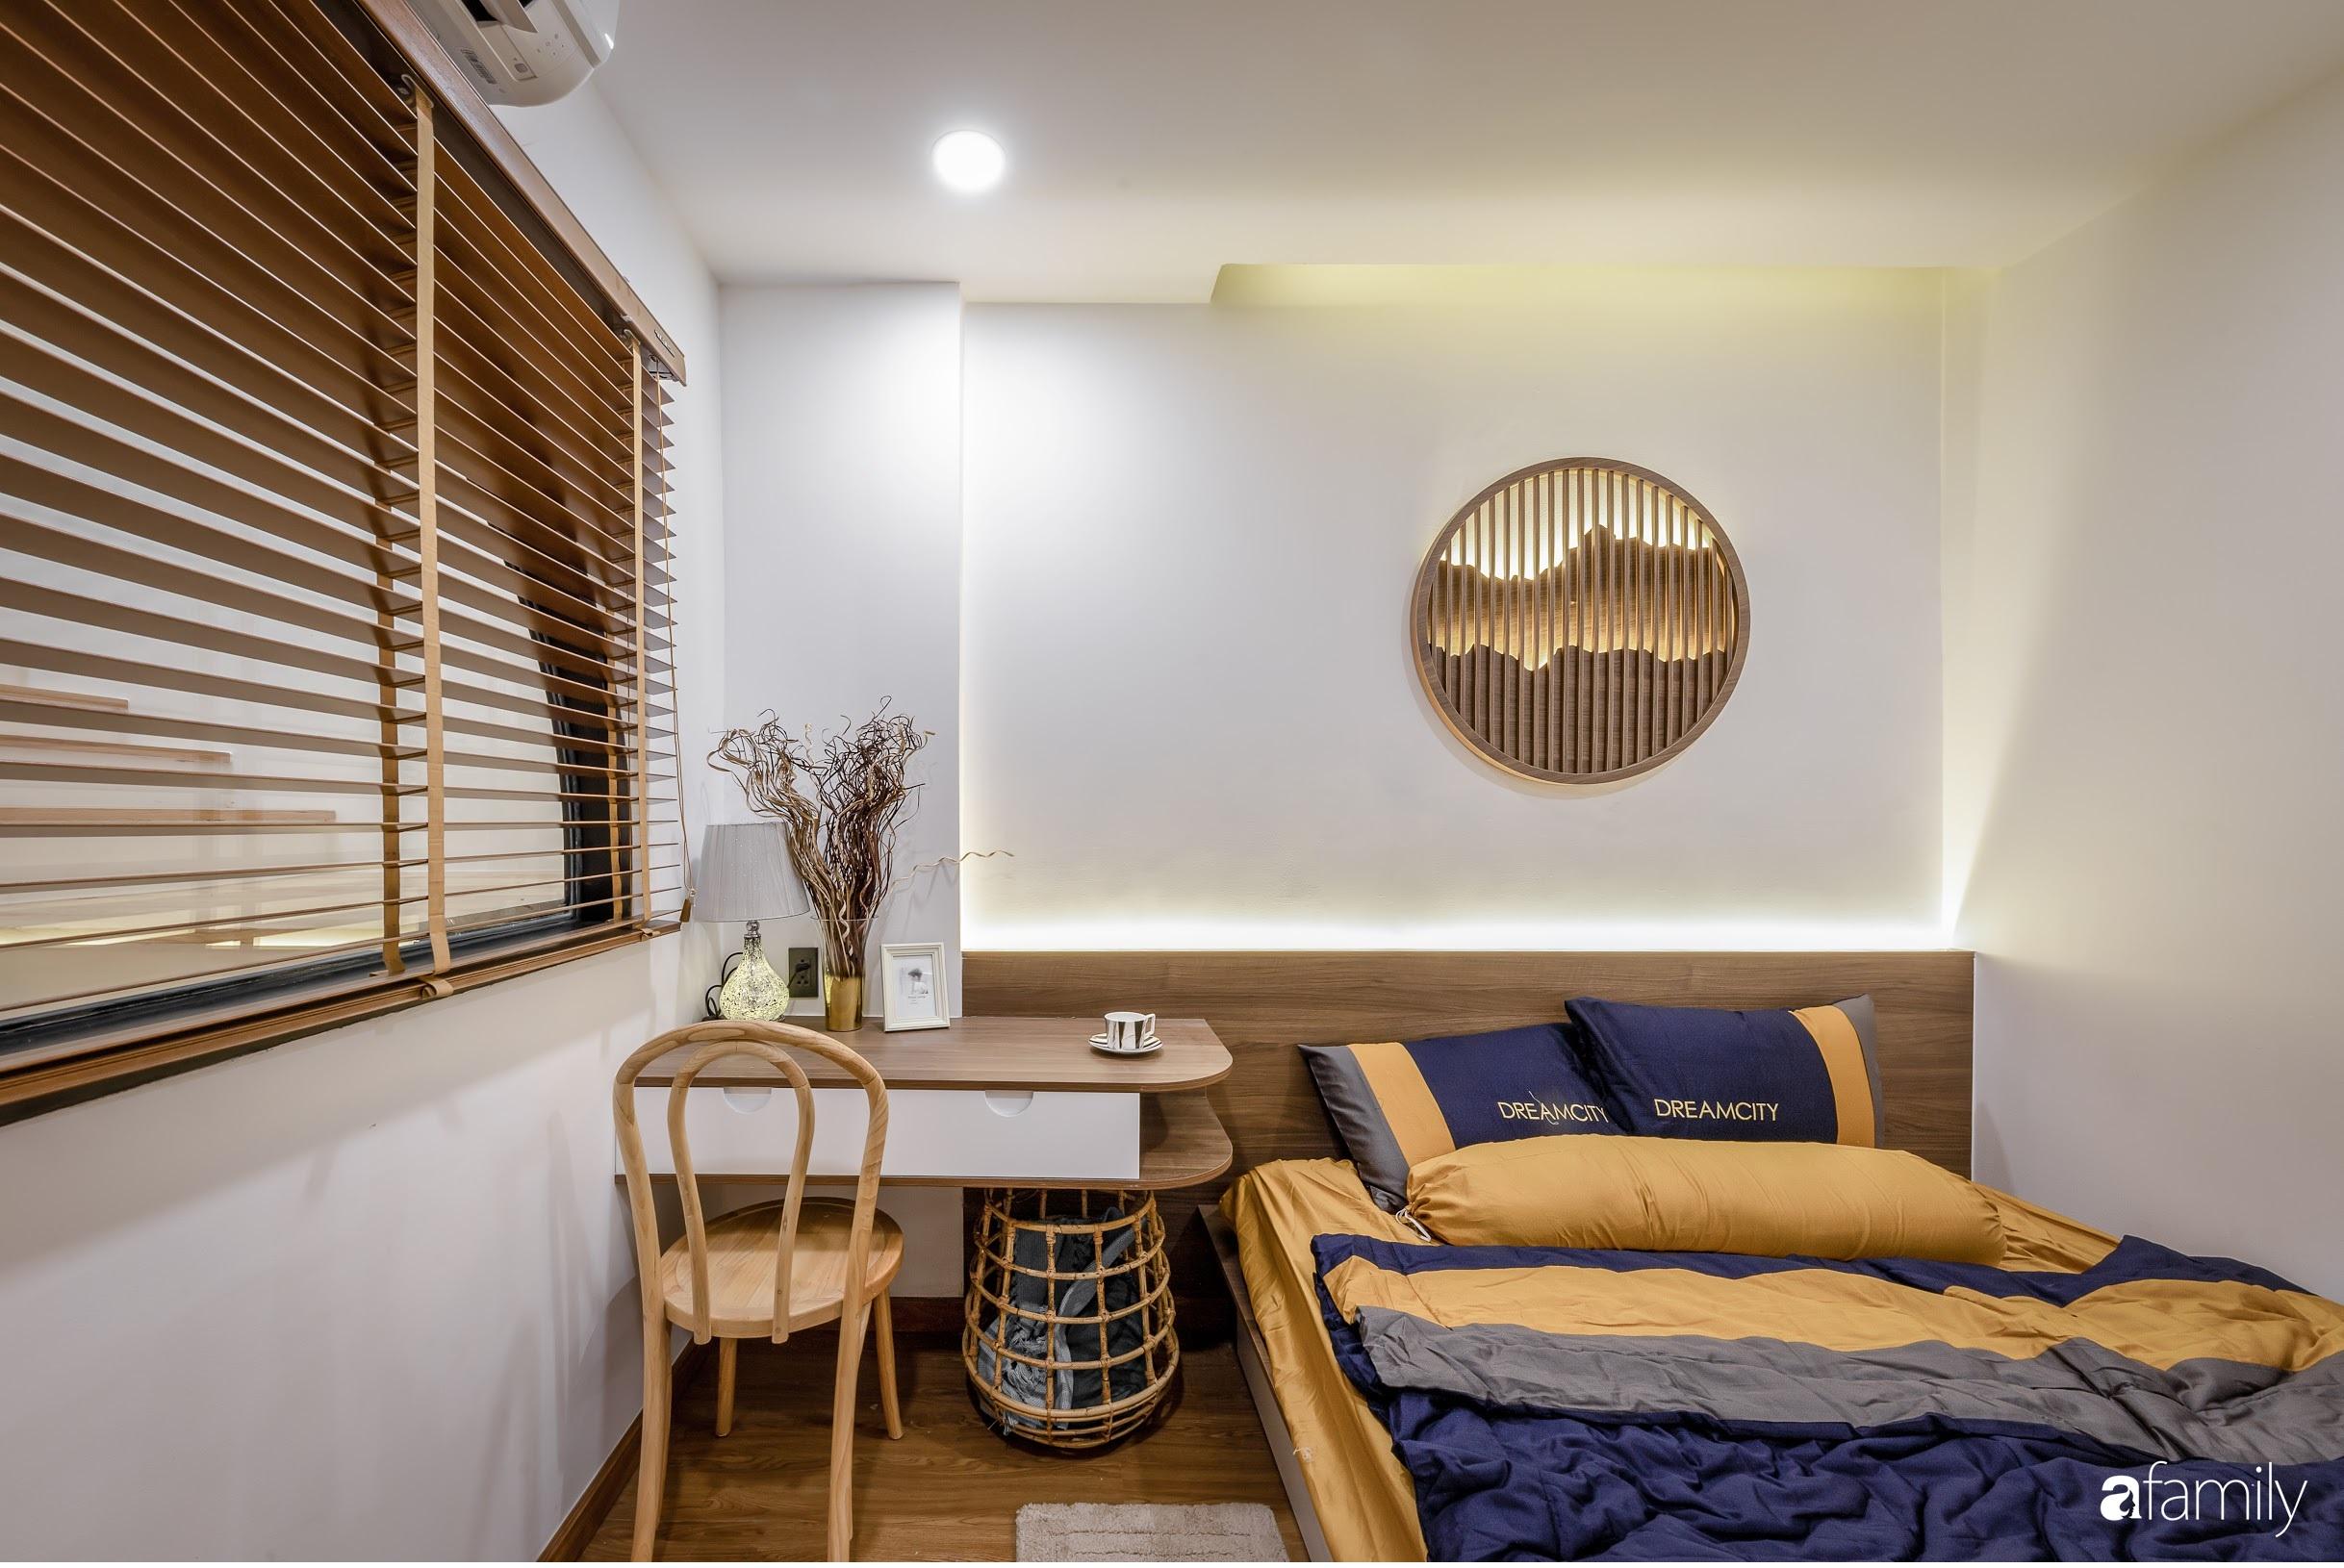 Nhà phố Tiền Giang đẹp hài hòa với thiết kế hiện đại, bố trí nội thất thông minh với chi phí 1,8 tỉ đồng - Ảnh 11.